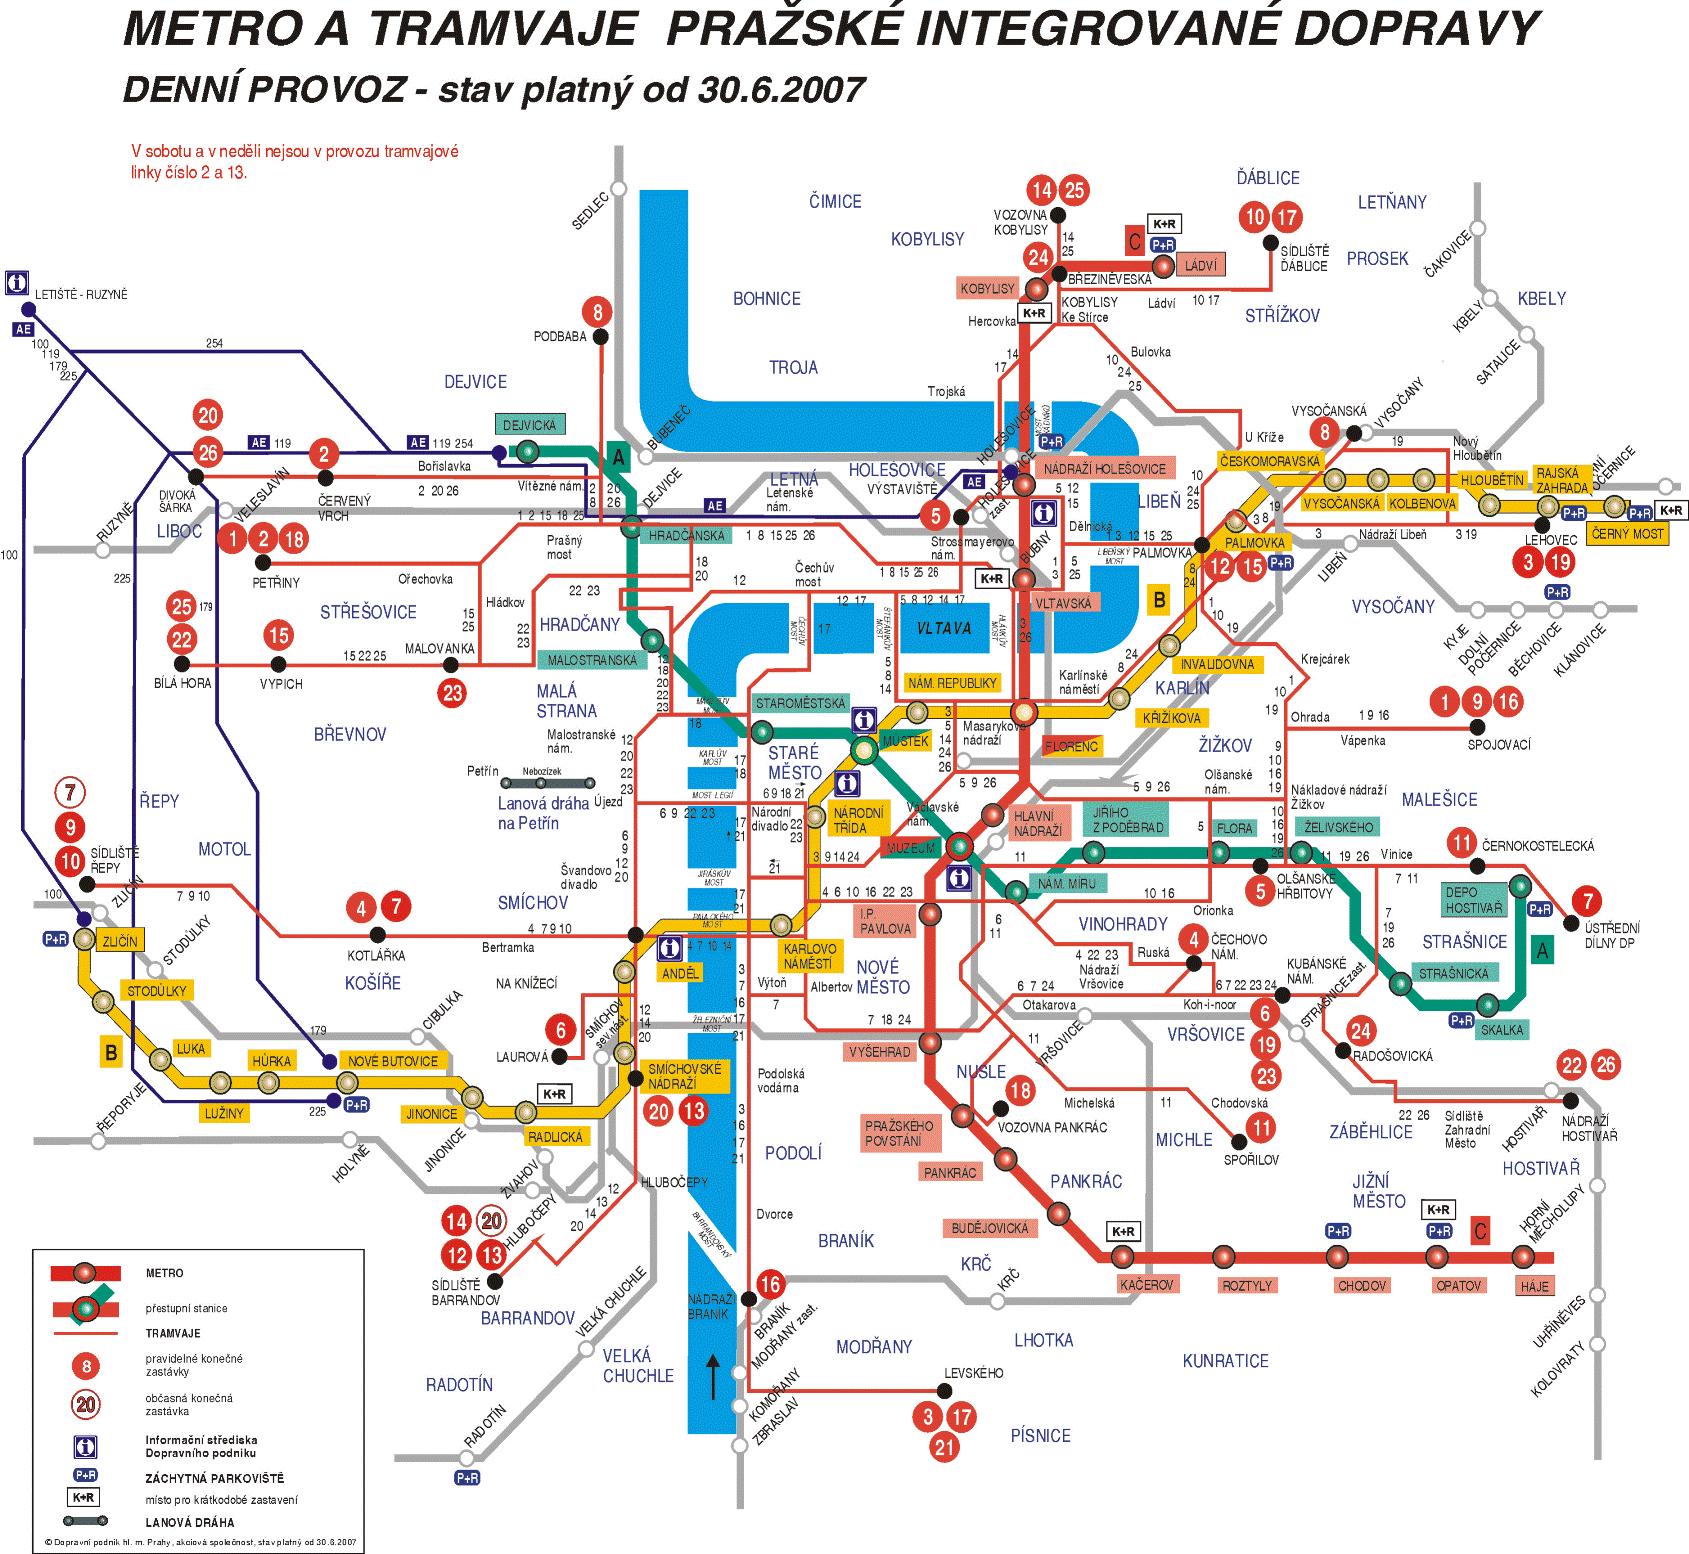 Plan du métro de Prague - Cliquez sur l'image pour l'agrandir